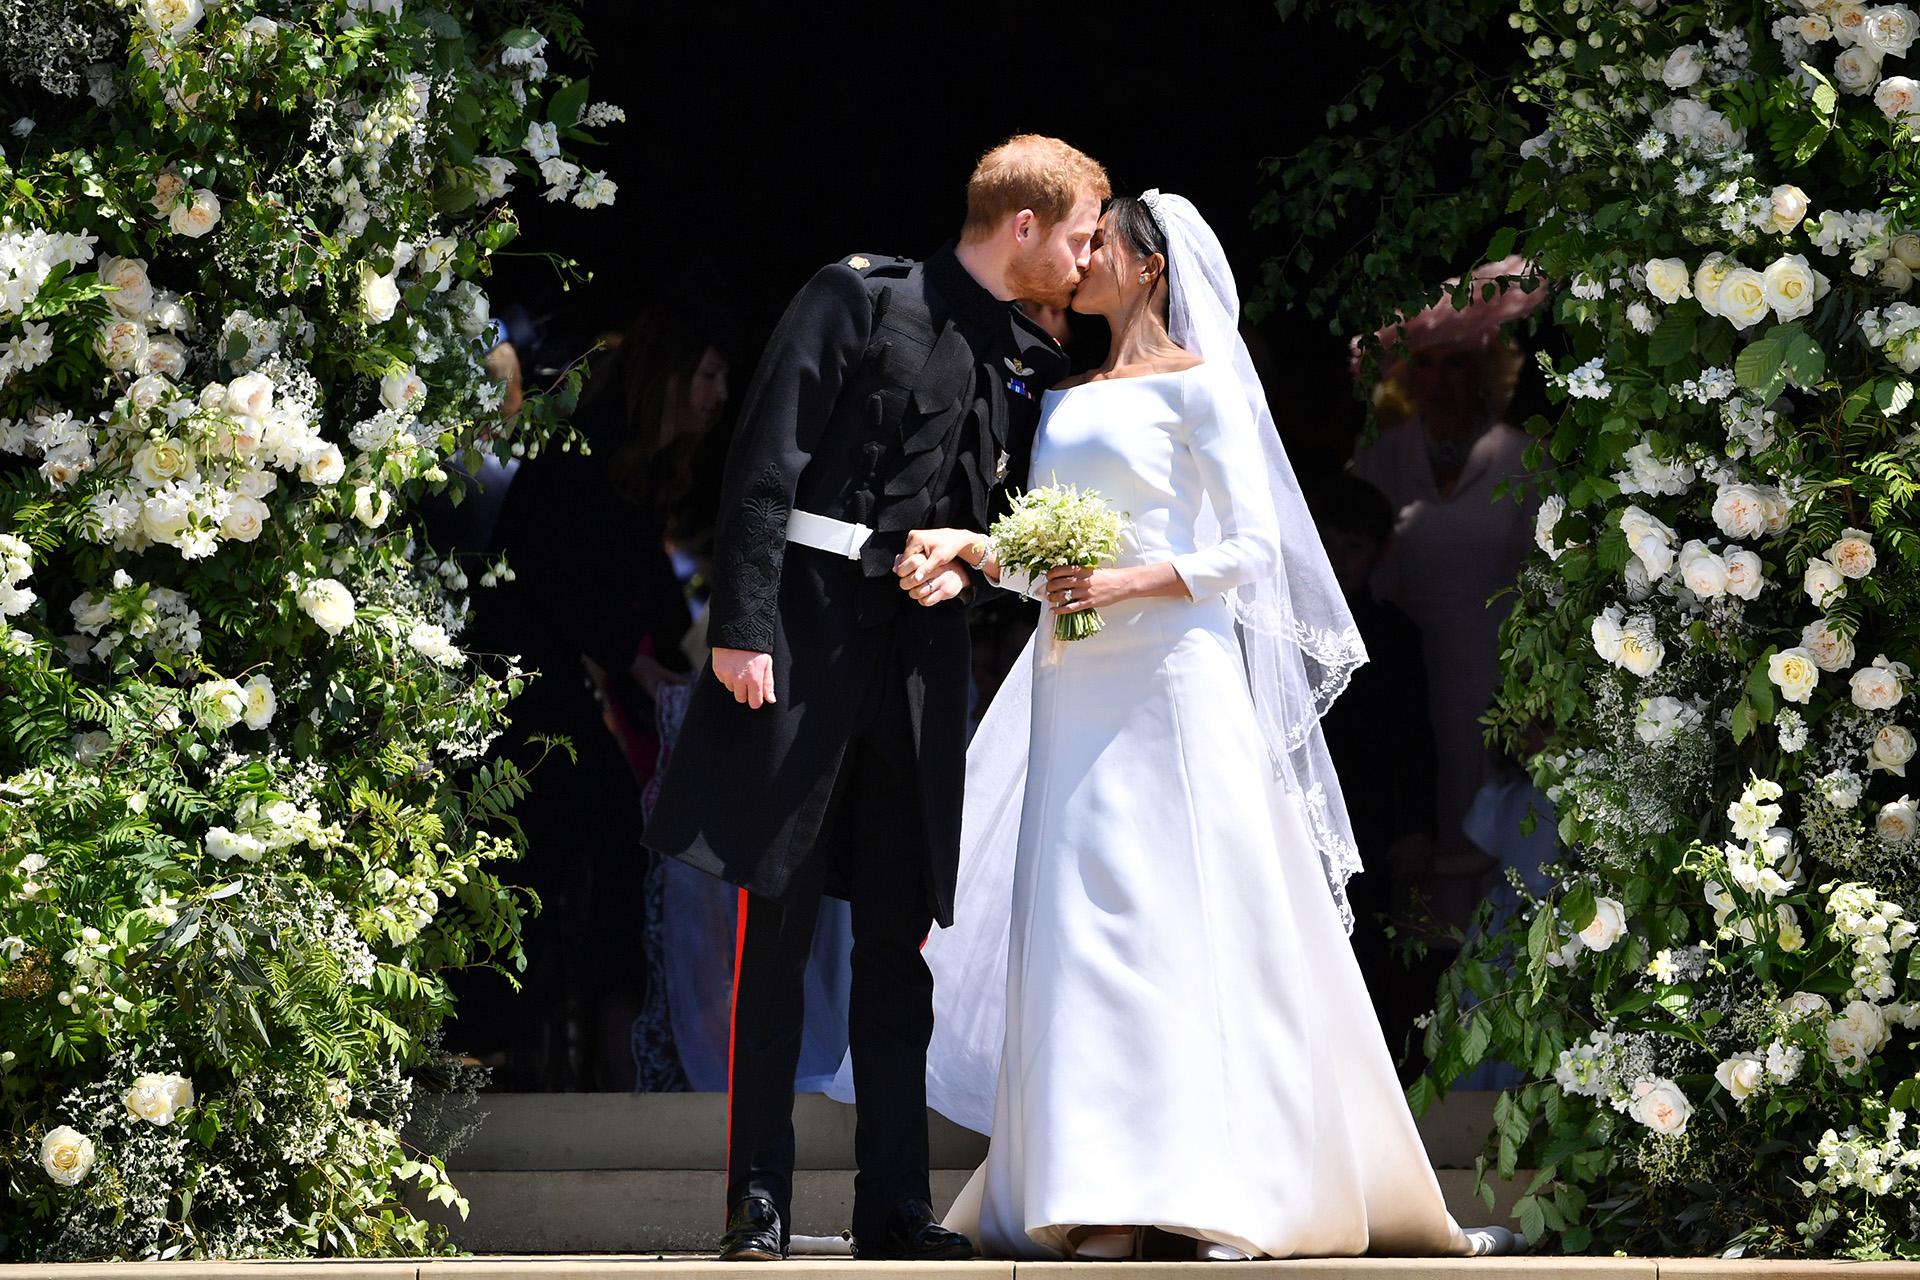 El príncipe Harry, duque deSussex, besa a su flamante esposa Meghan Markleal salir de la Capilla St George's en el Castillo de Windsor, durante su boda el 19 de mayo (Ben STANSALL / POOL / AFP)